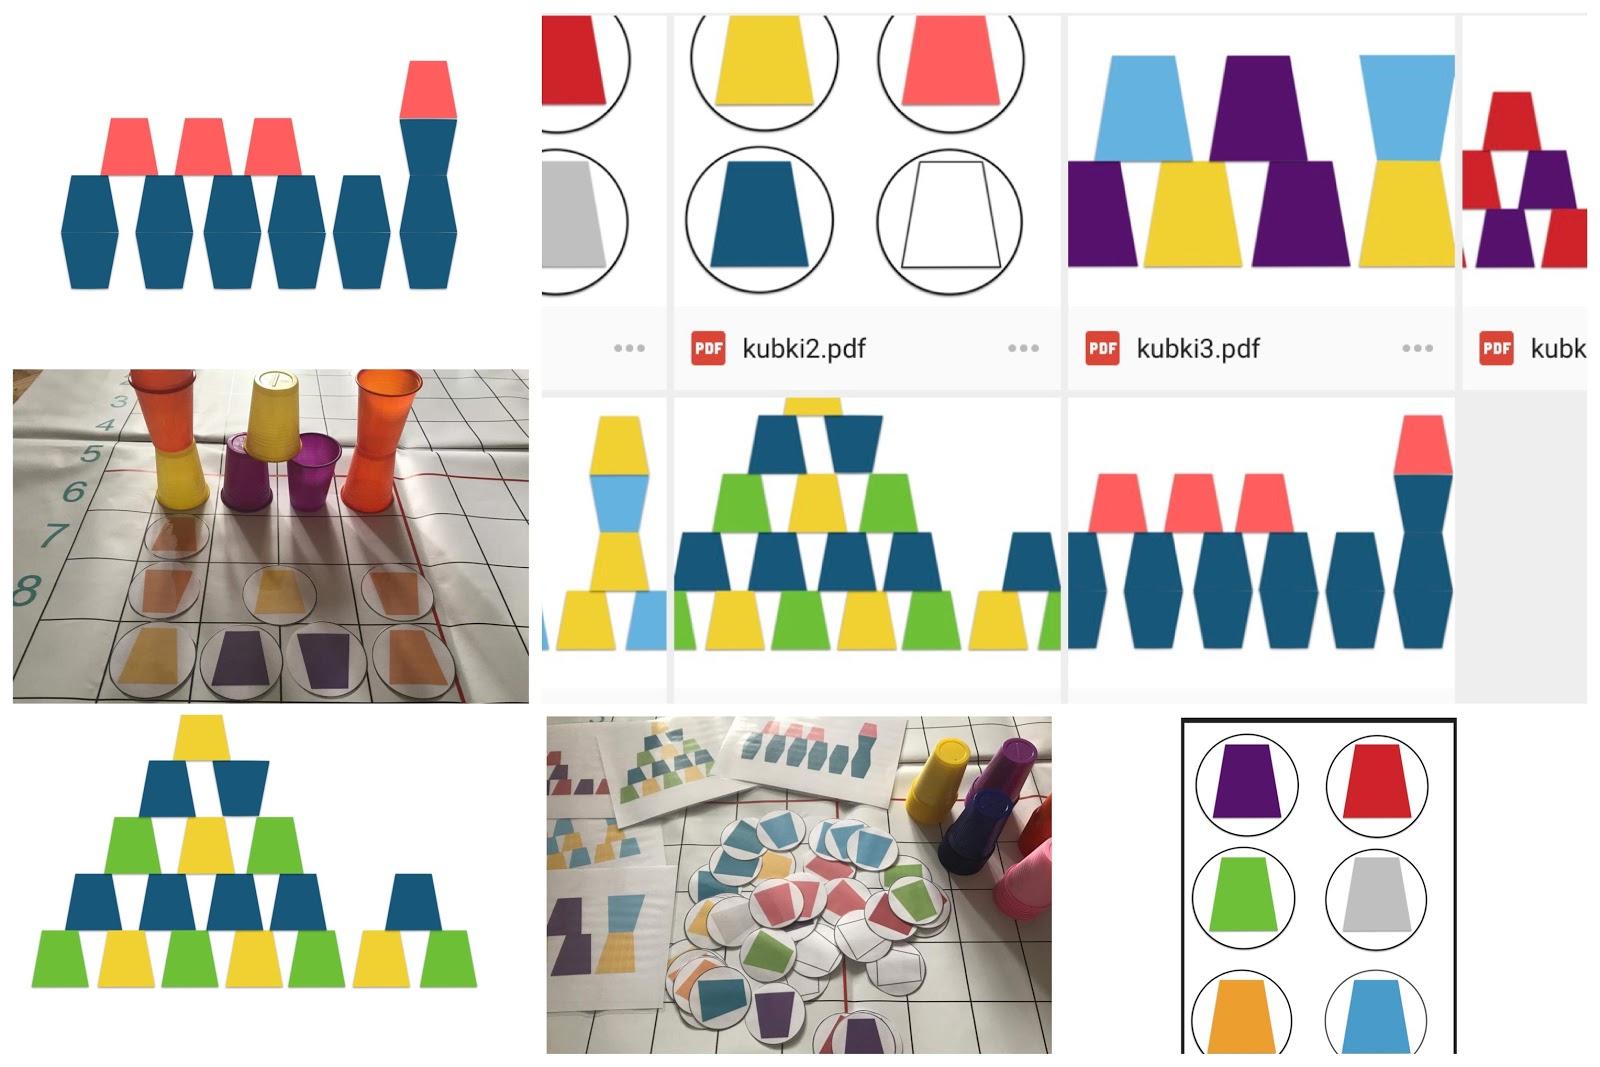 Kolorowa Wieża Zgodnie Z Kodem Ustawiona Kodowanie Na Dywanie